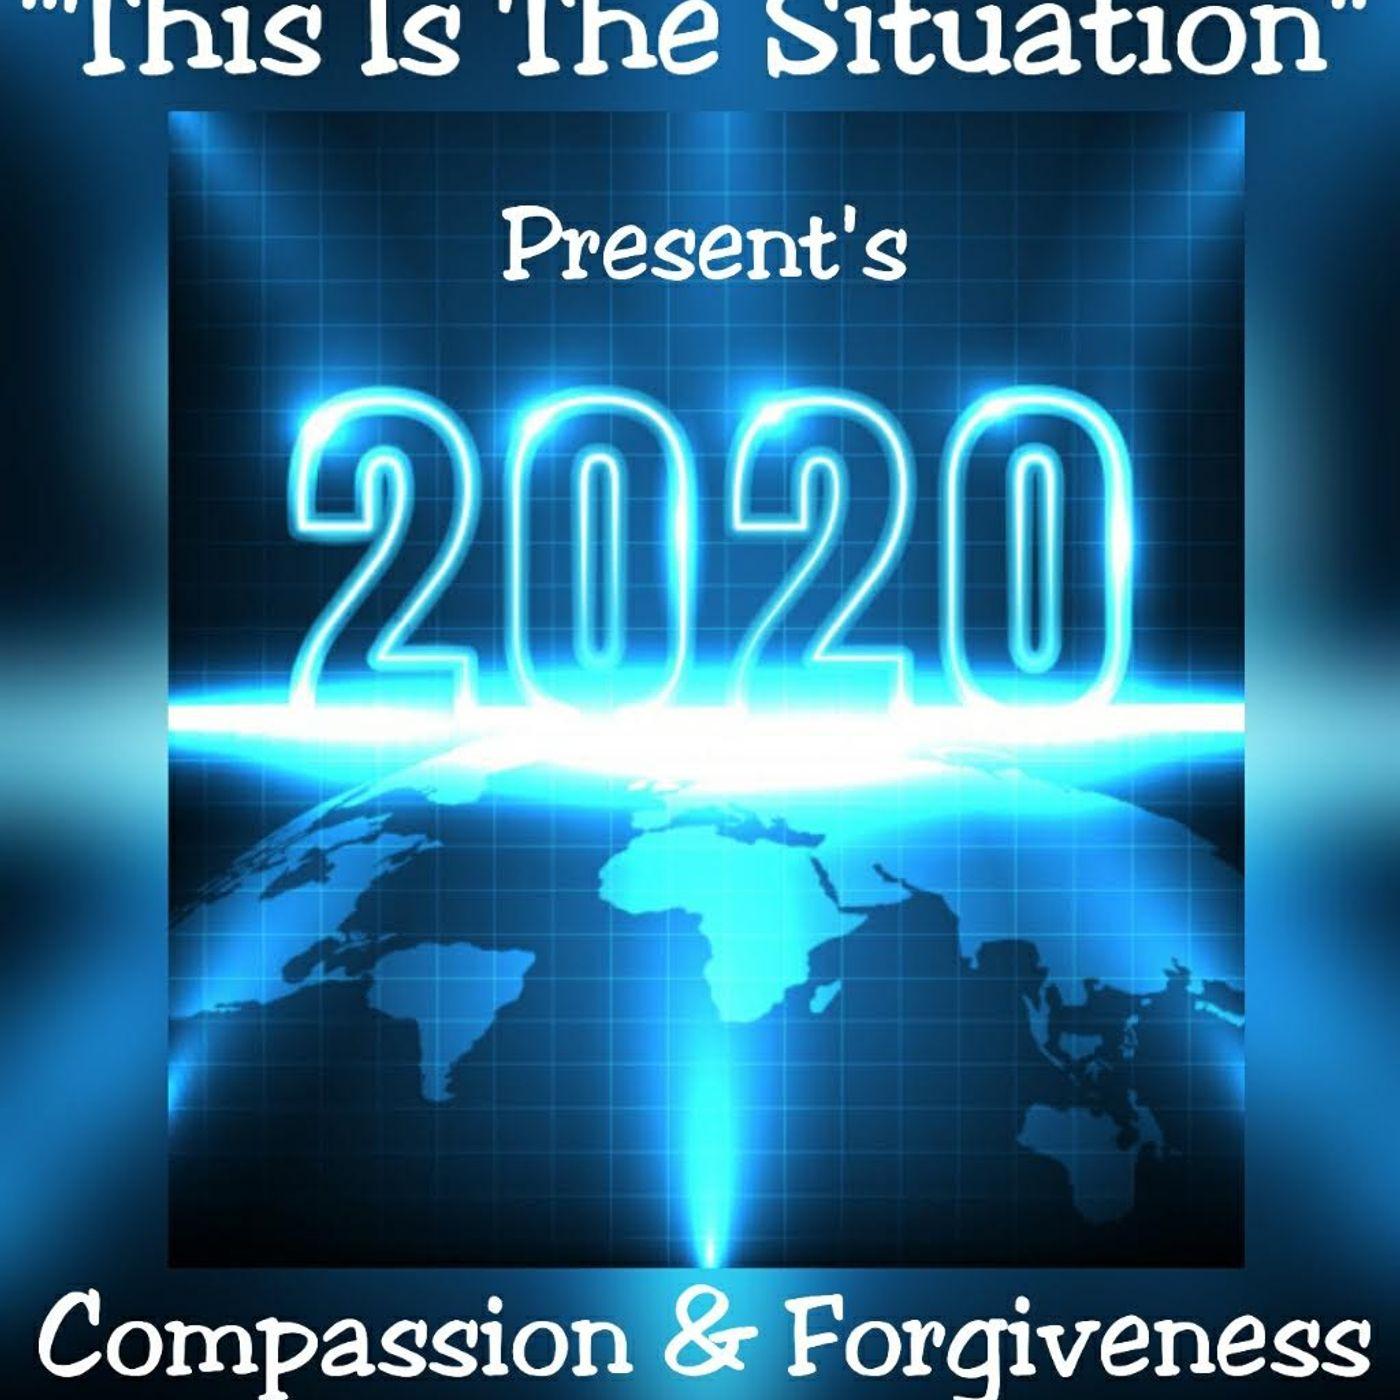 Compassion and Forgivness